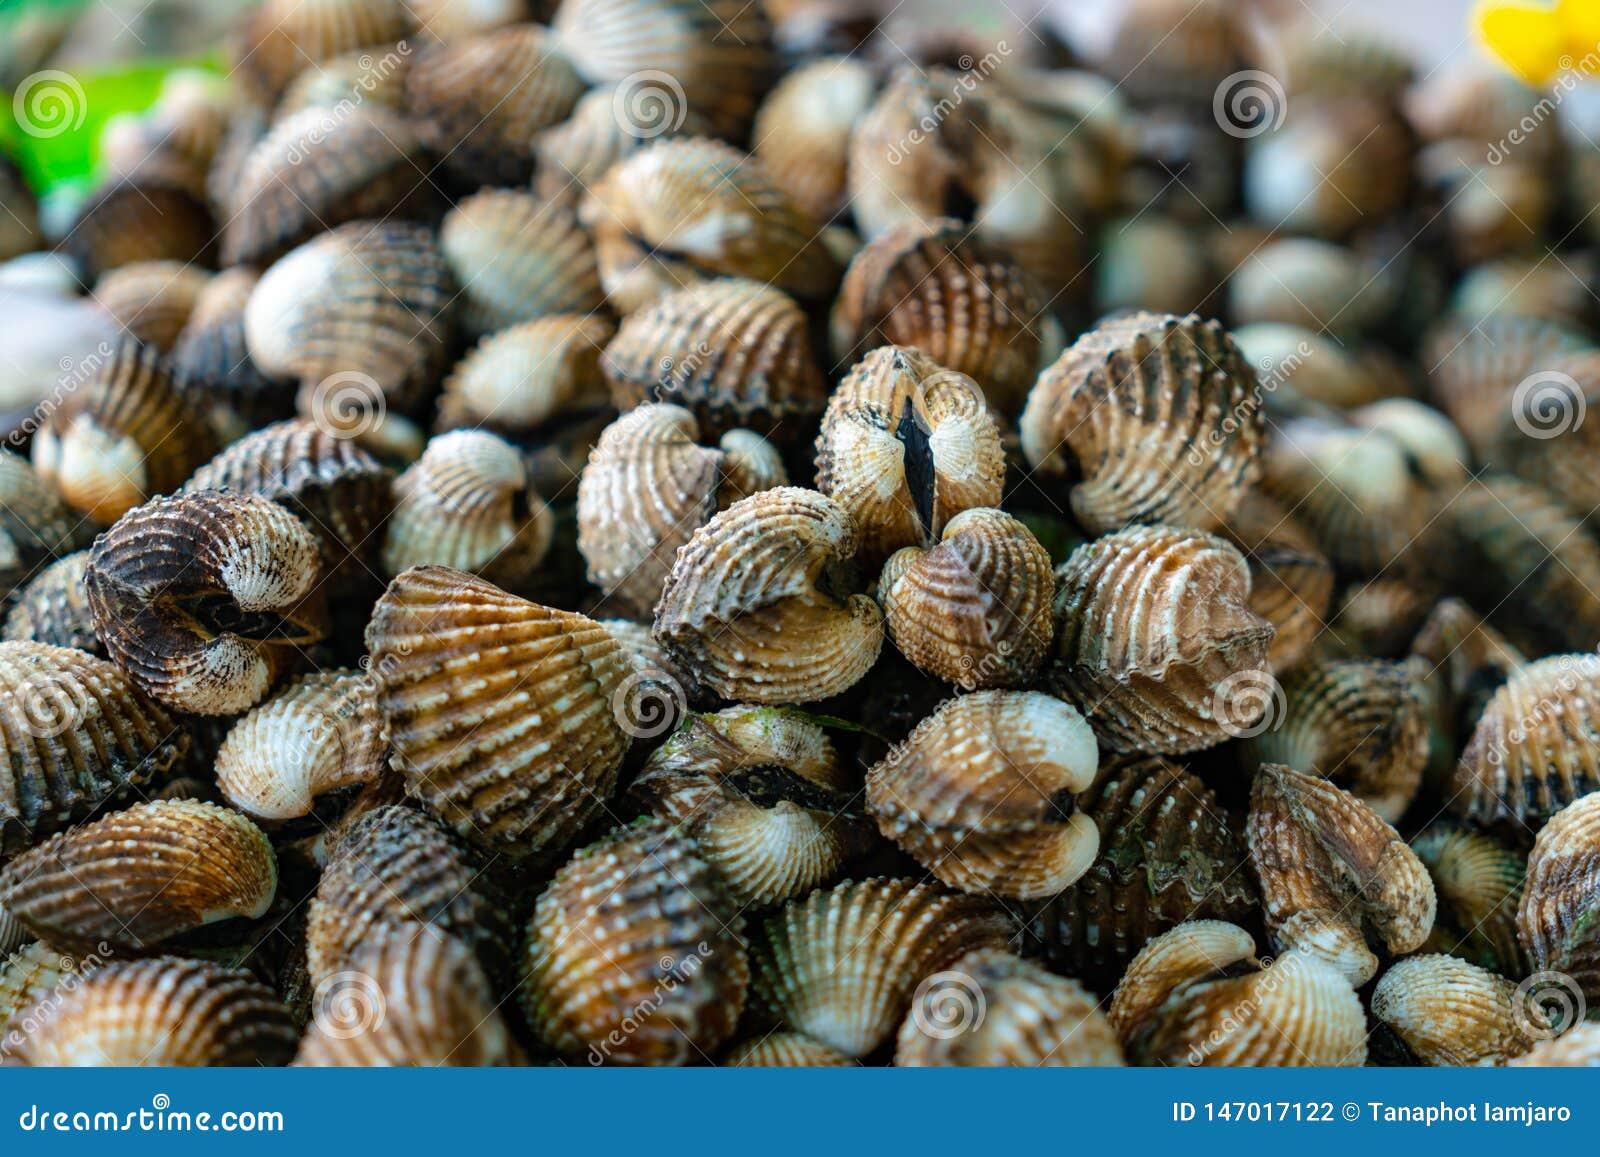 Πολλά καθαρά φρέσκα cockles συσσωρεύονται μαζί και γίνονται στα θαλασσινά